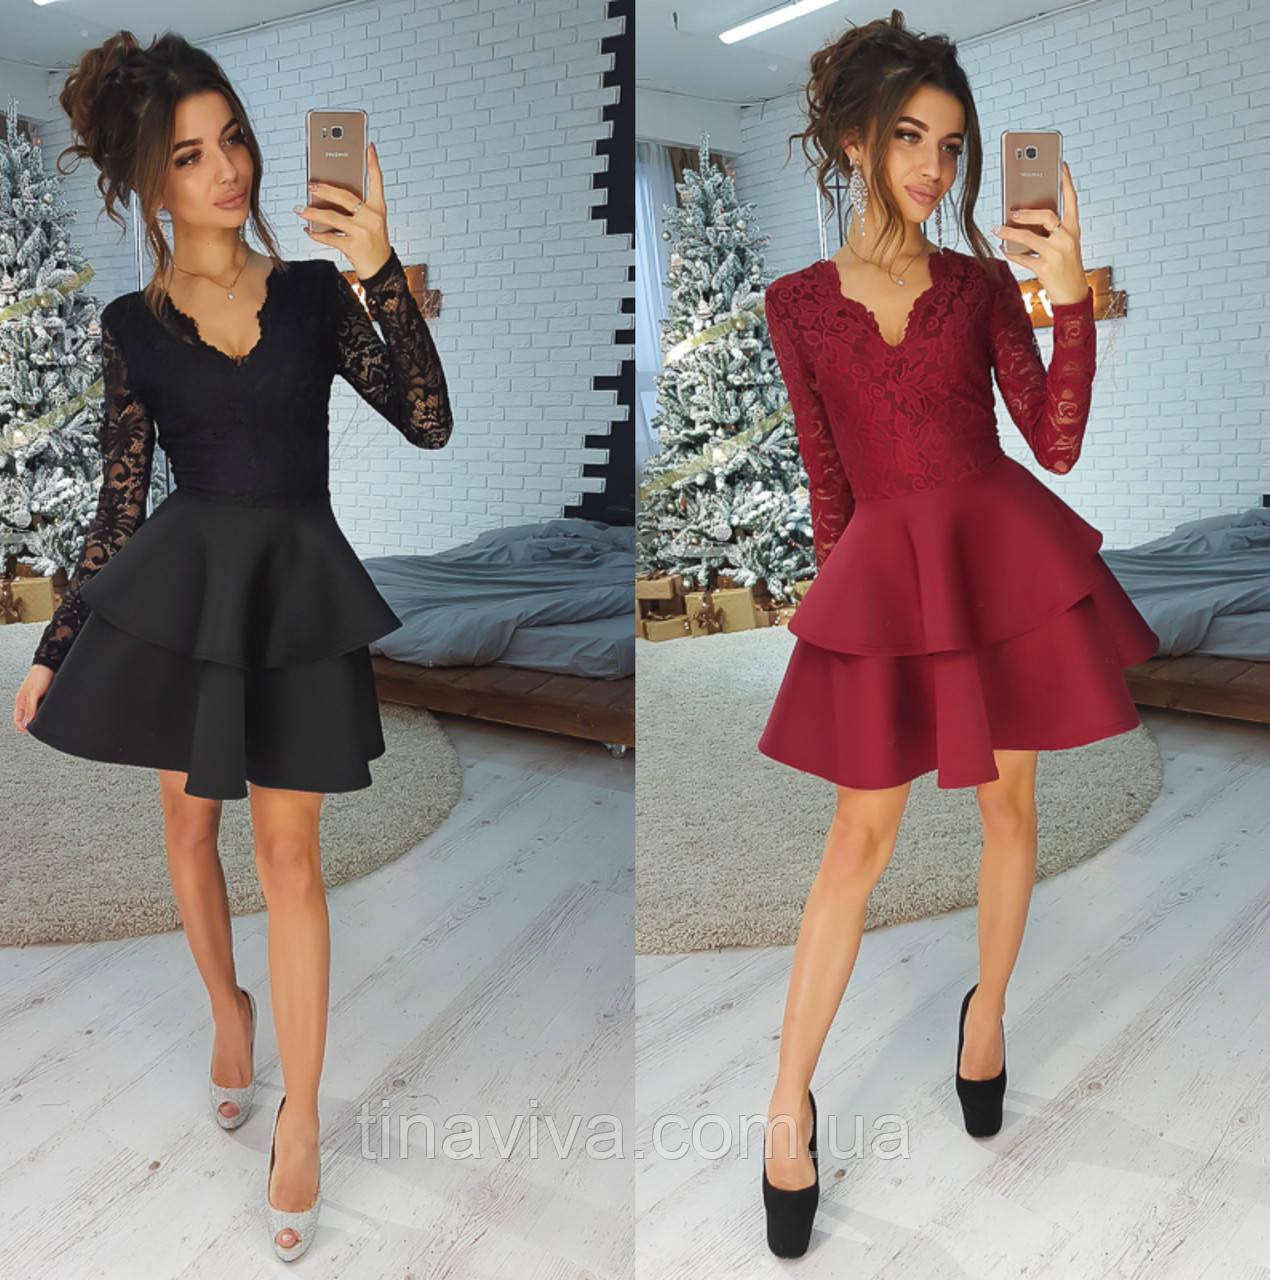 """Стильное женское платье с пышной юбкой (жіноче плаття ) """"Стори"""" 4 цвета"""